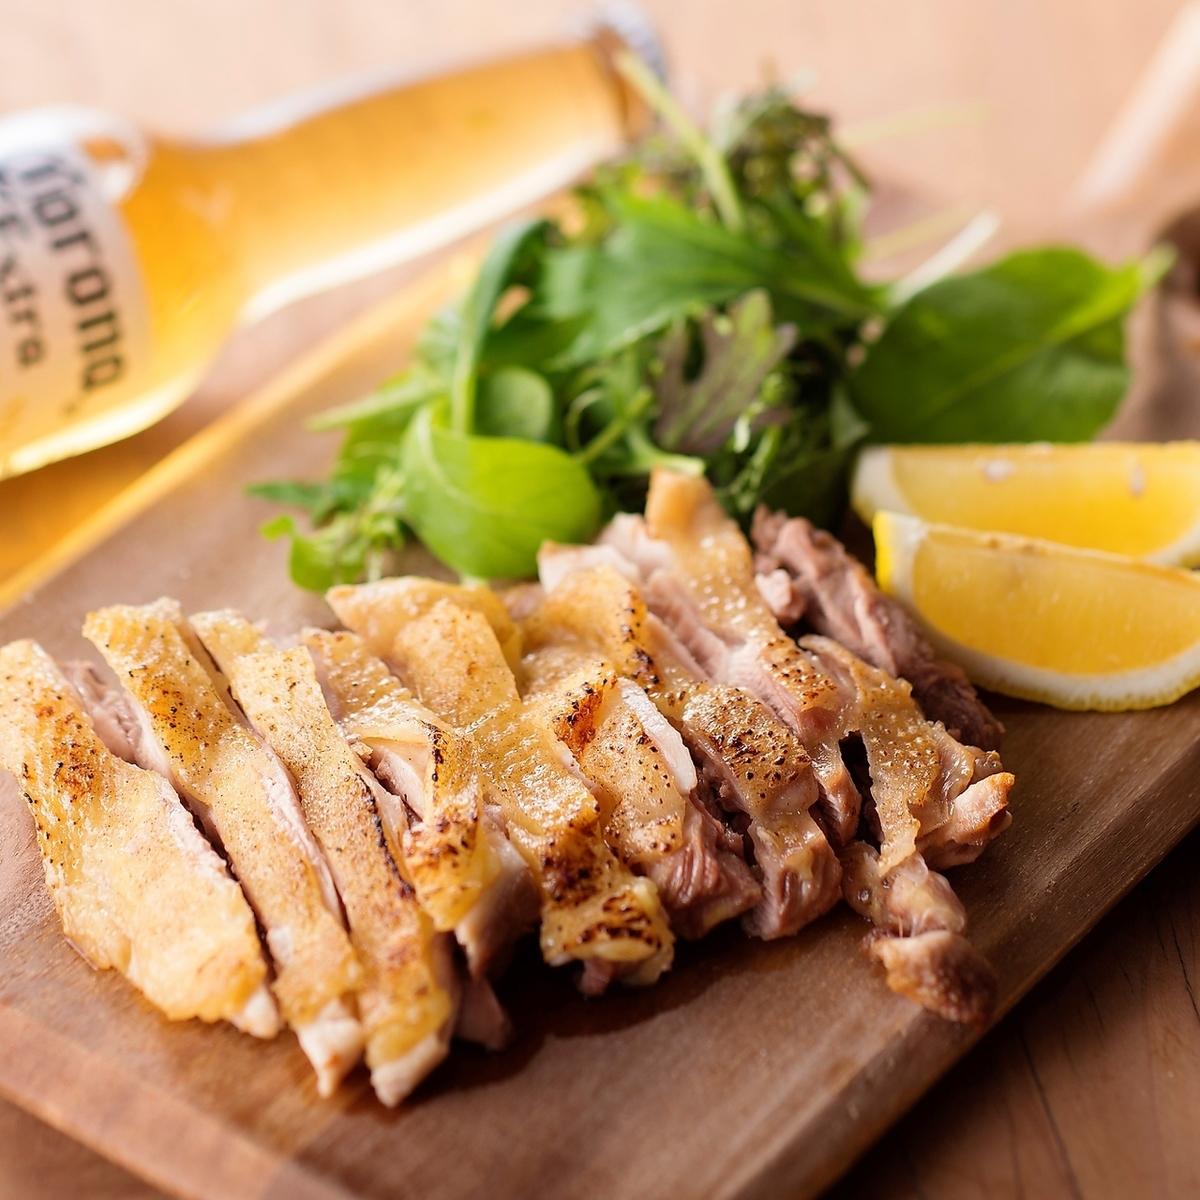 [고기 요리] 토종 닭도도 소금구이